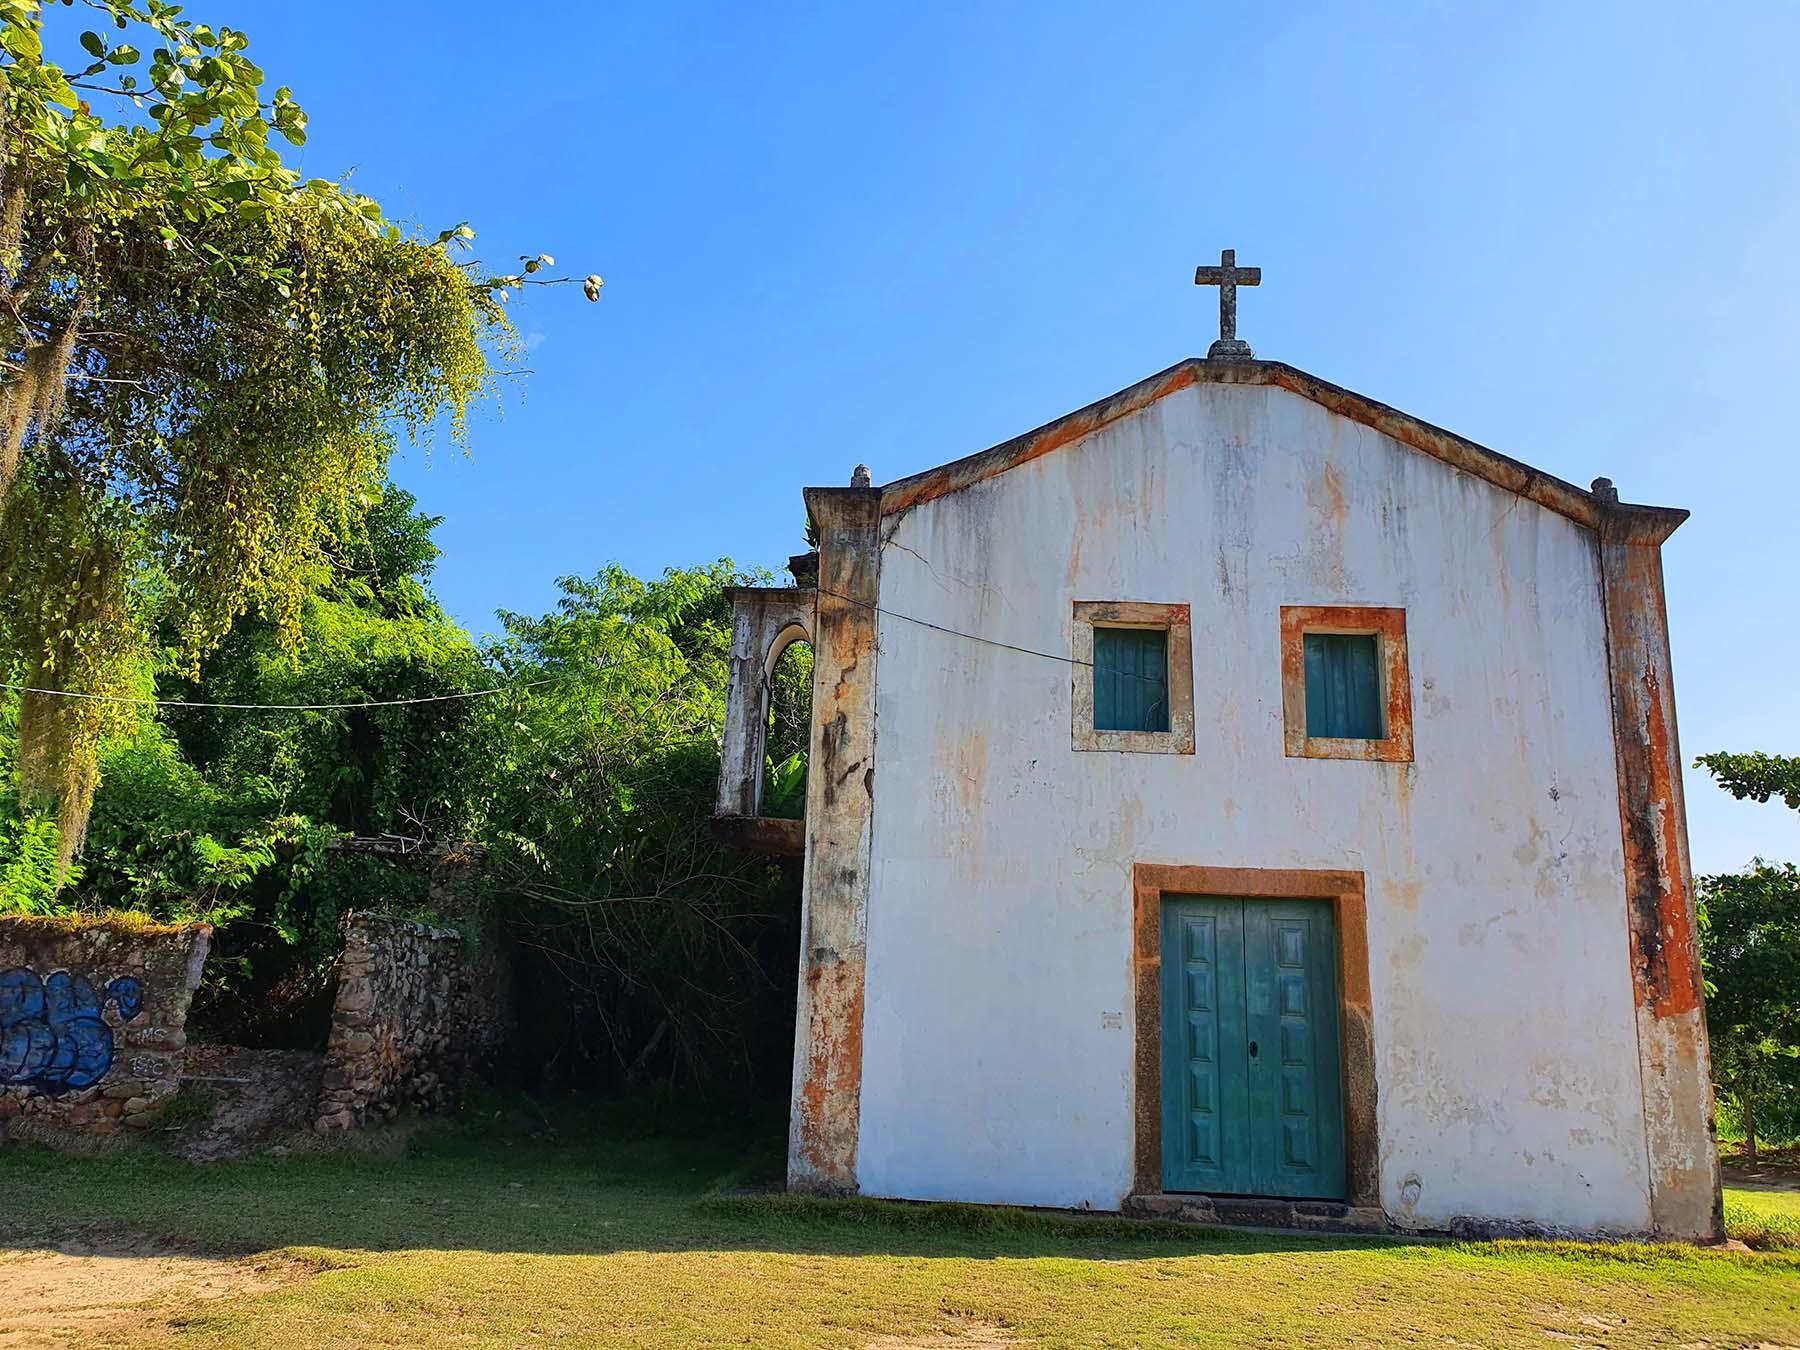 Igreja de Nossa Senhora da Conceição, Paraty-Mirim